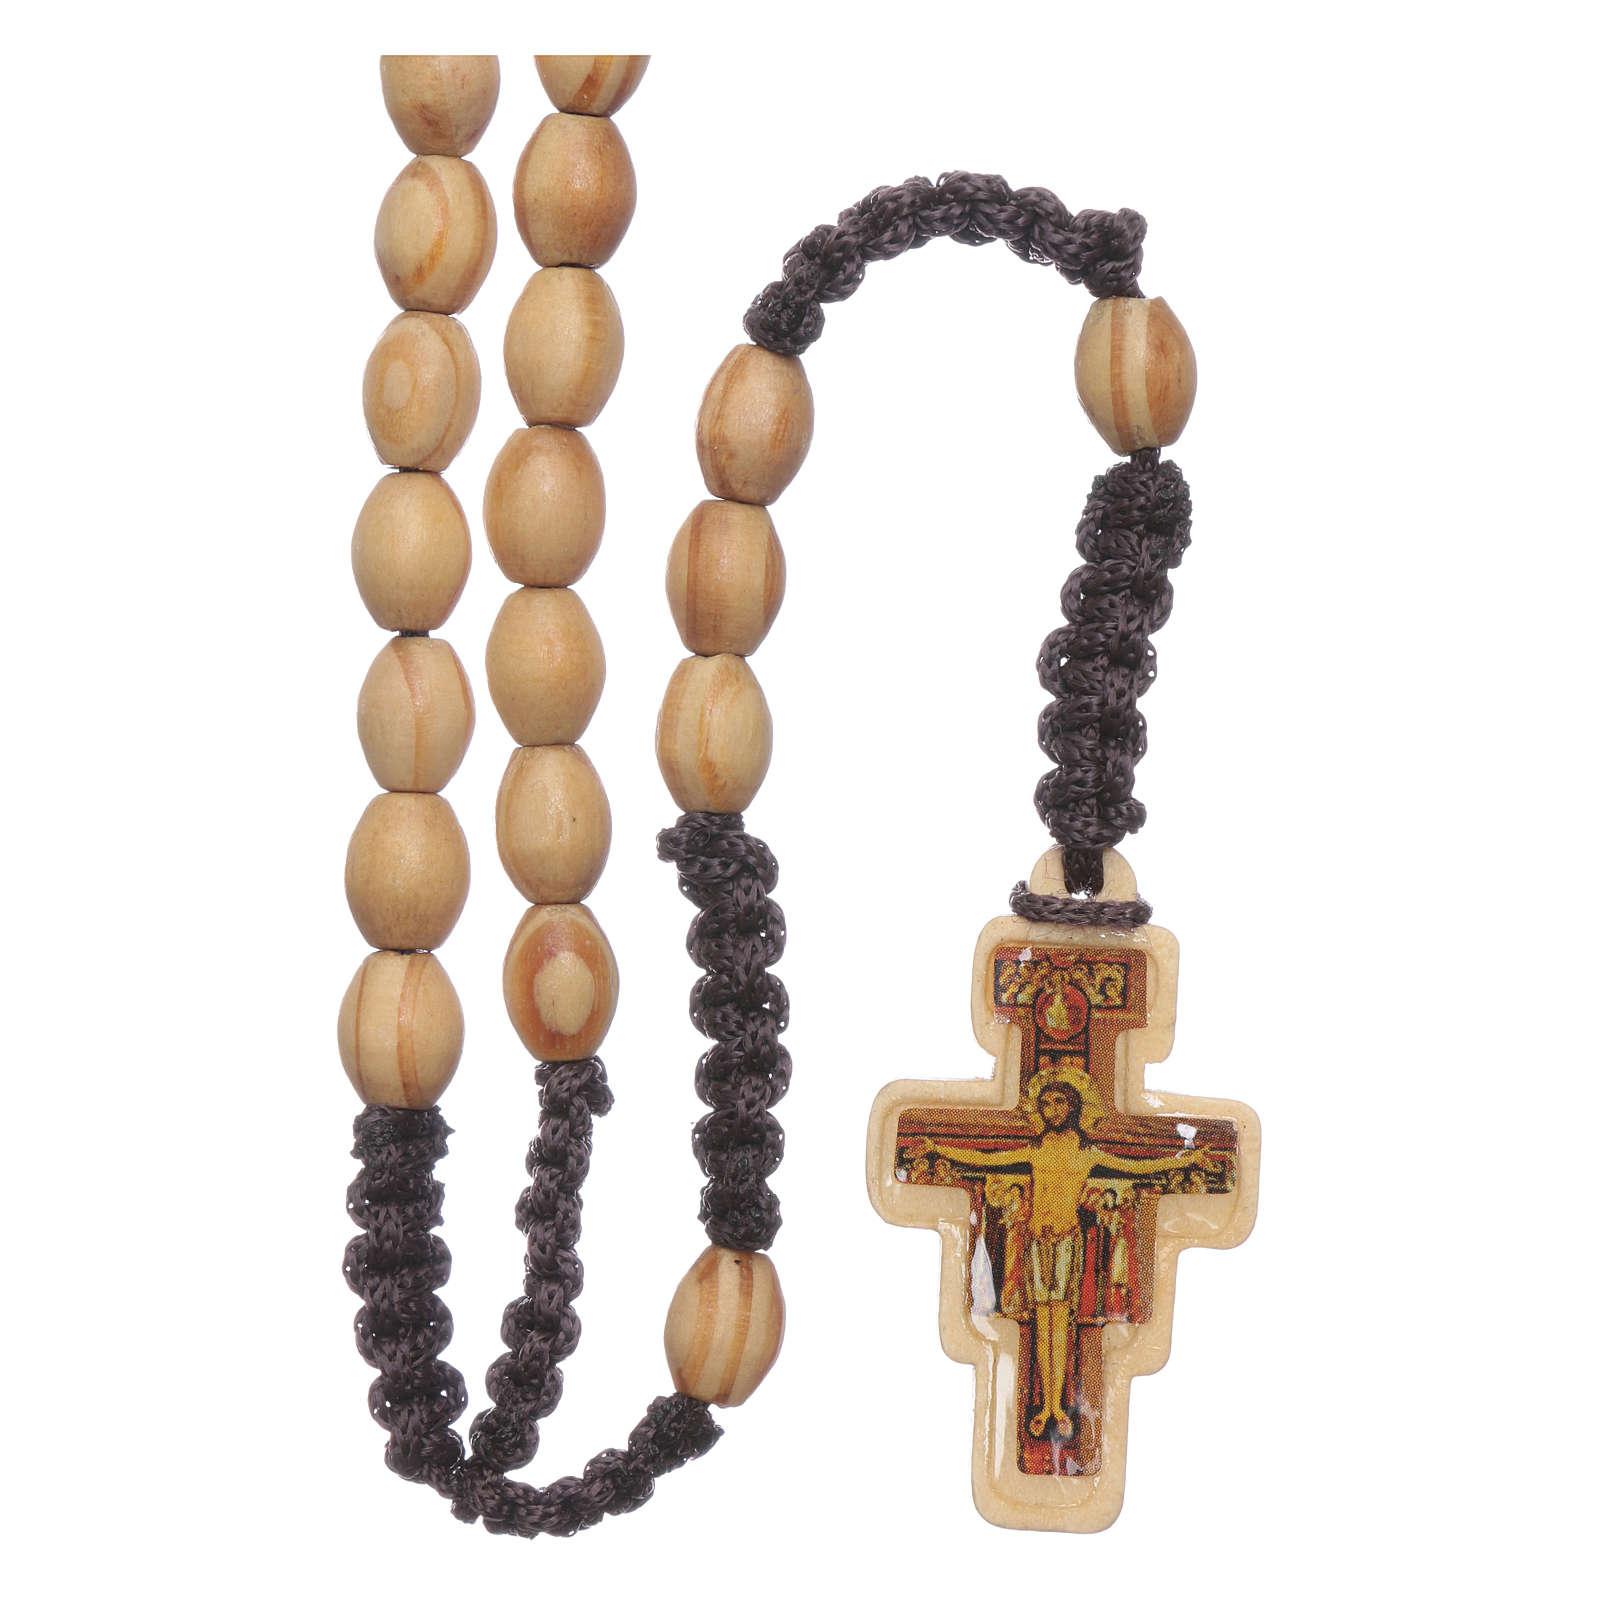 Rosenkranz ovale Olivenholzperlen mit Kreuz von San Damiano auf Seidenfaden 4